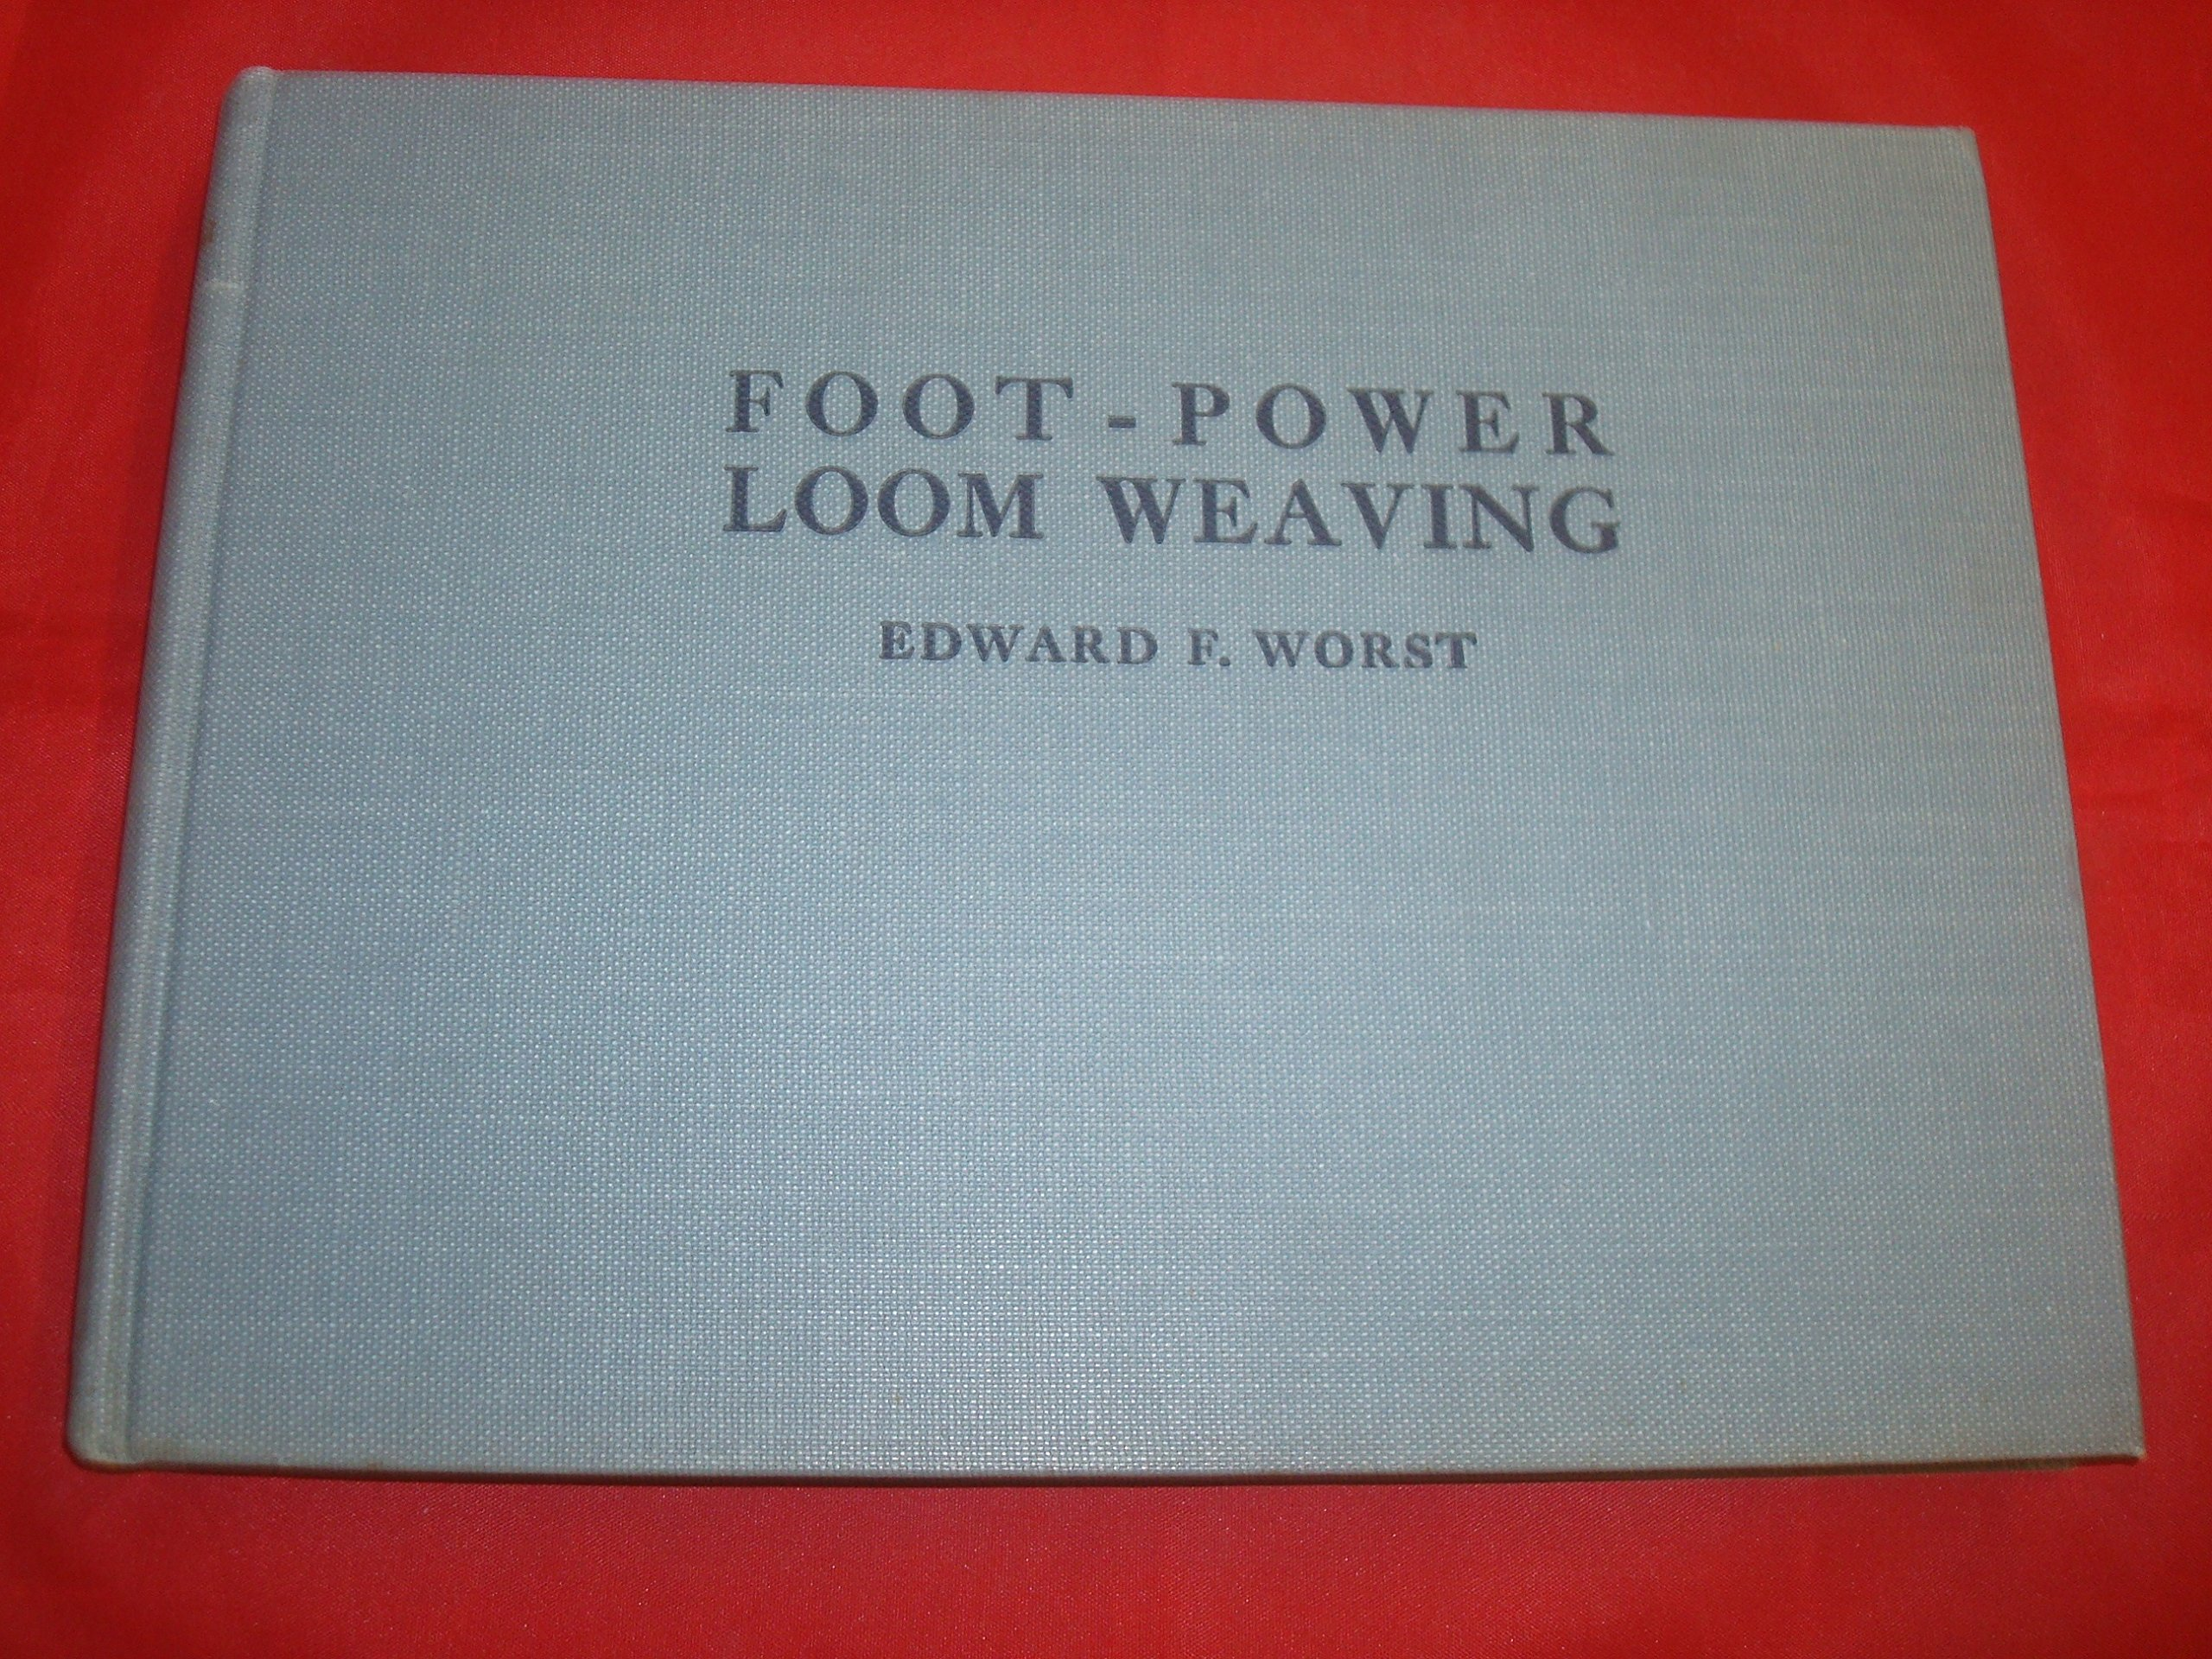 Foot-power loom weaving,